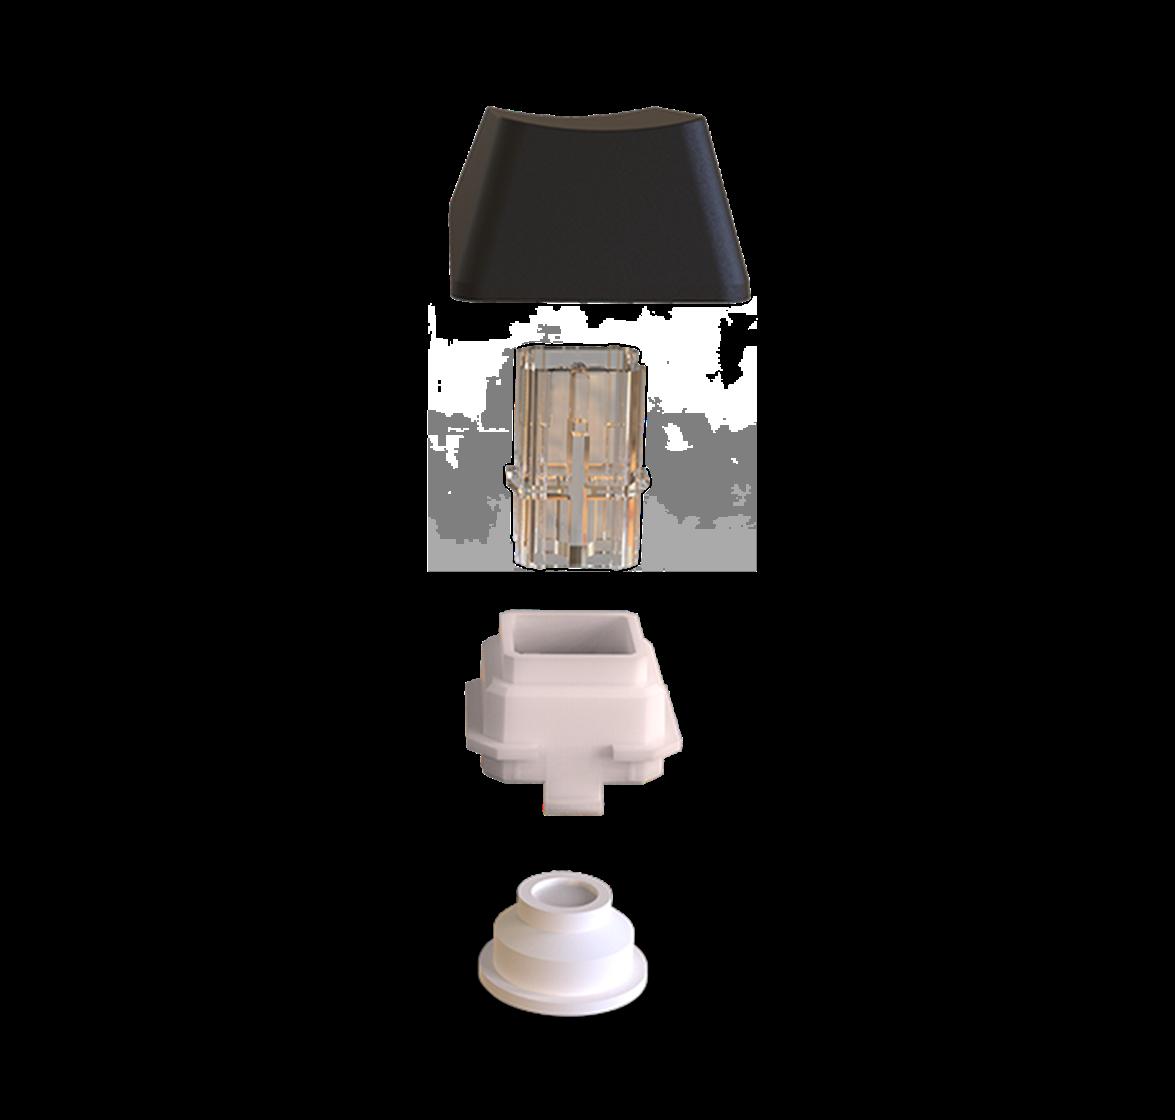 Interruptores exclusivos de mem-chanical lineales híbridos